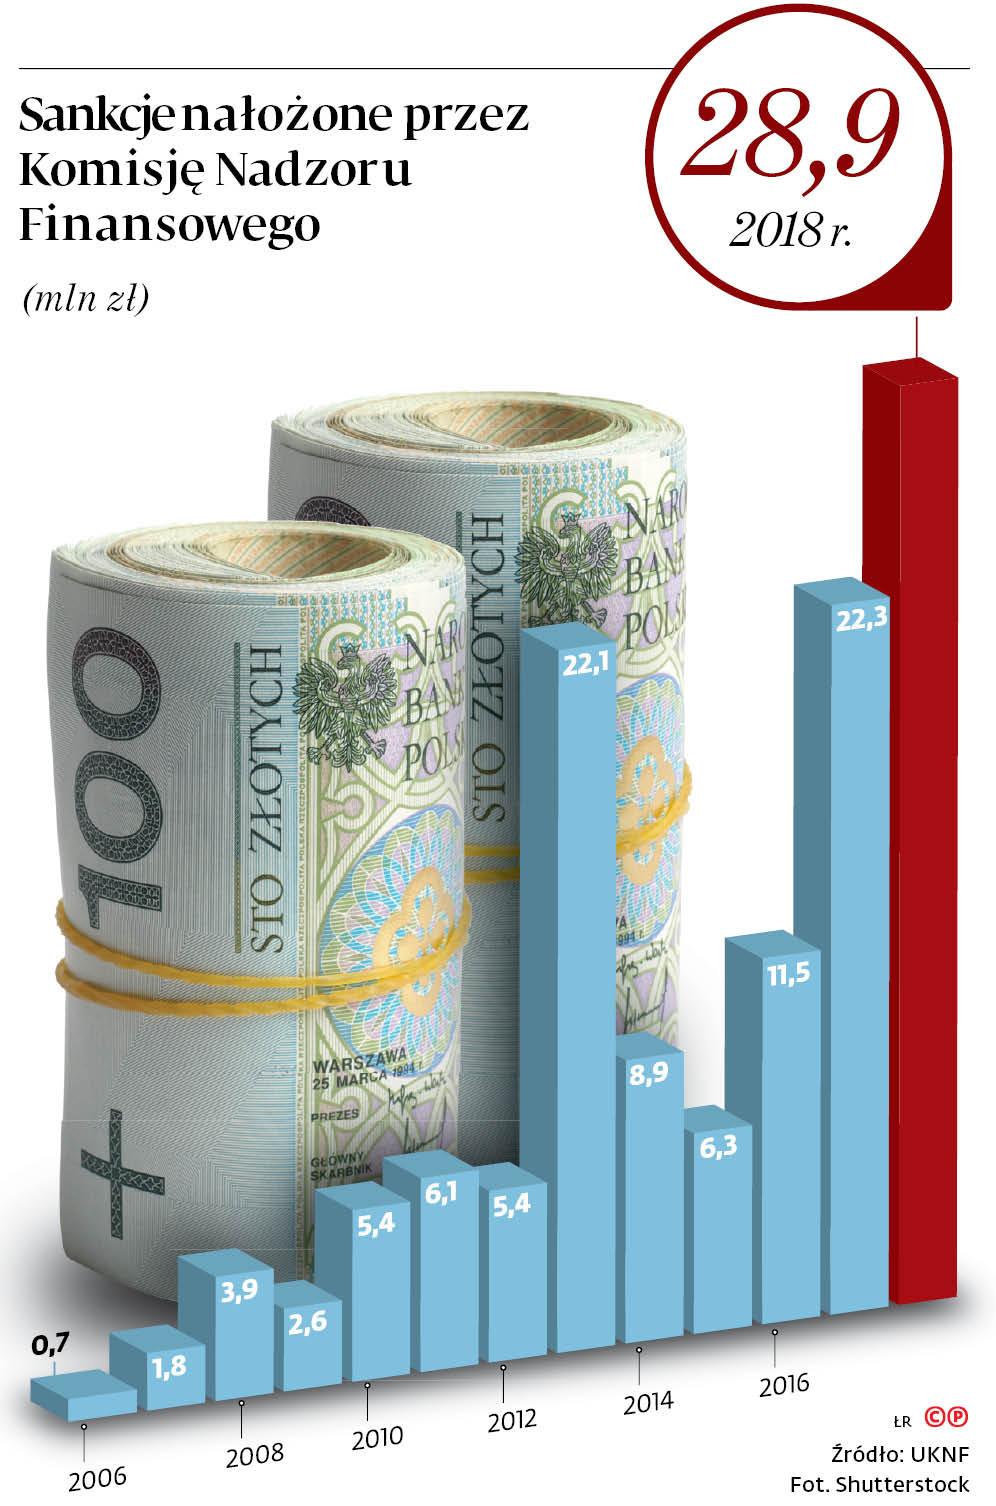 Sankcje nałożone przez Komisję Nadzoru Finansowego